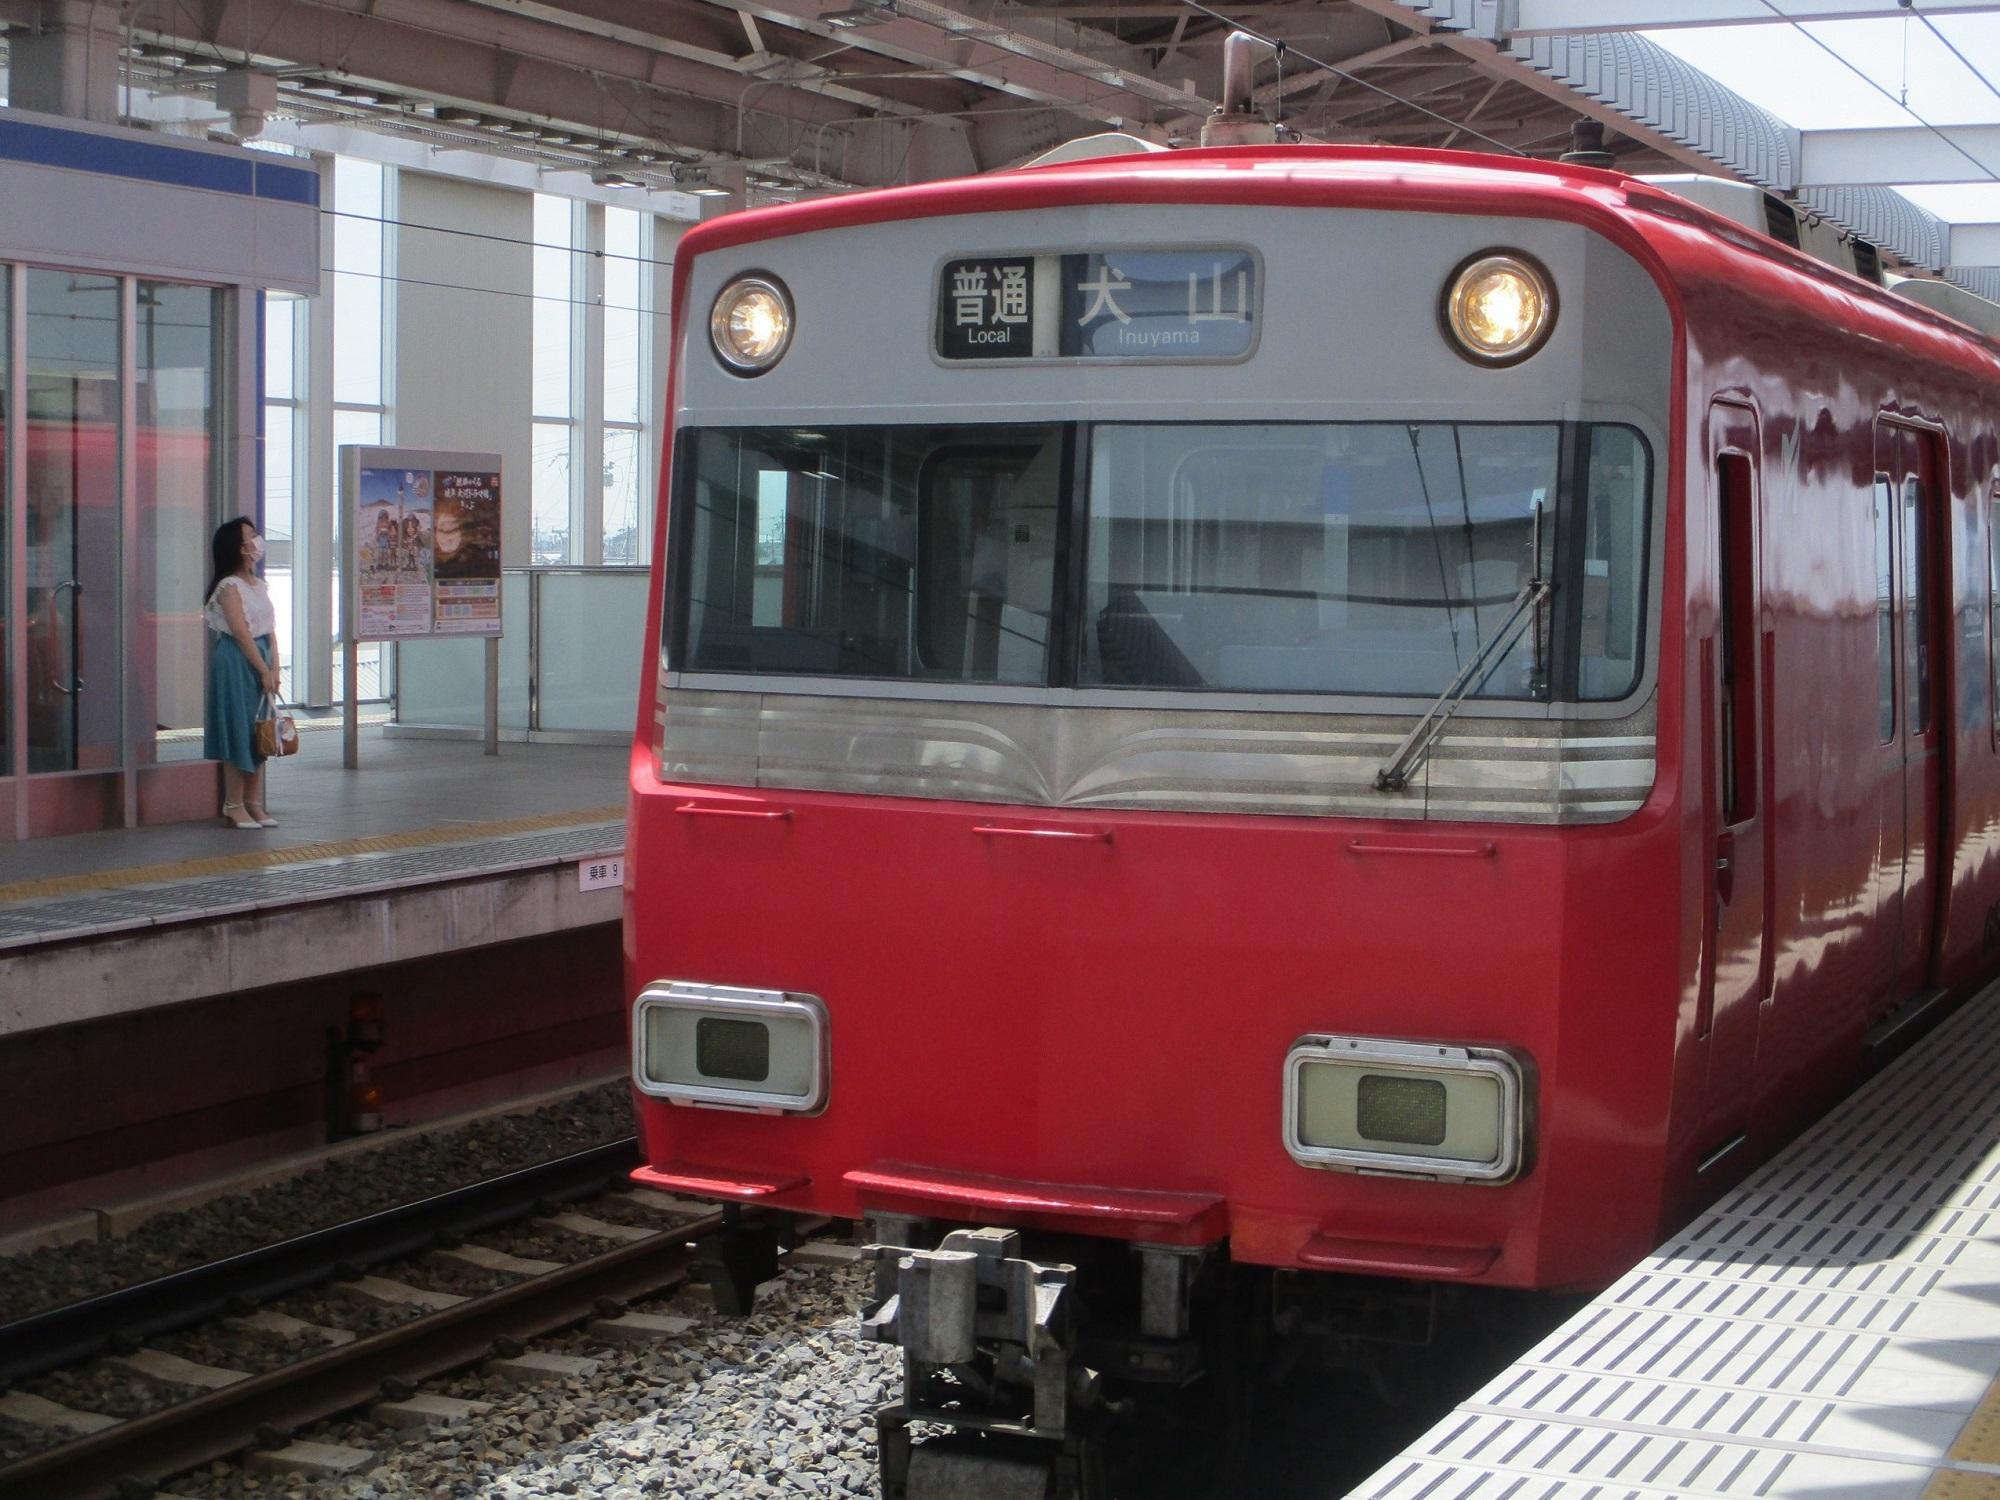 2020.6.15 (49) 布袋 - 犬山いきふつう 2000-1500